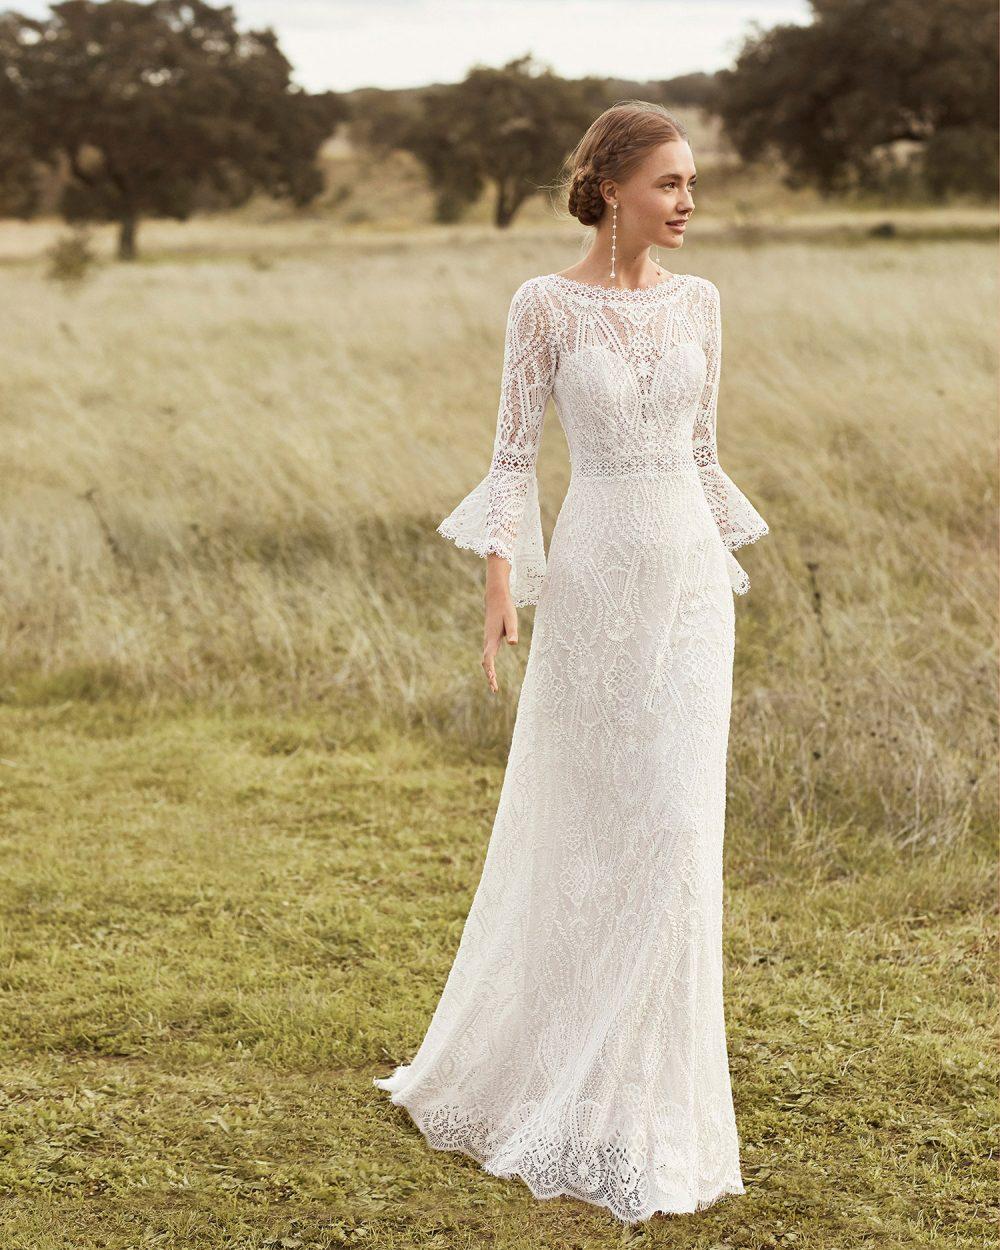 Rosa Clarà 2022 abito vestito sposa Vicenza AZALEA